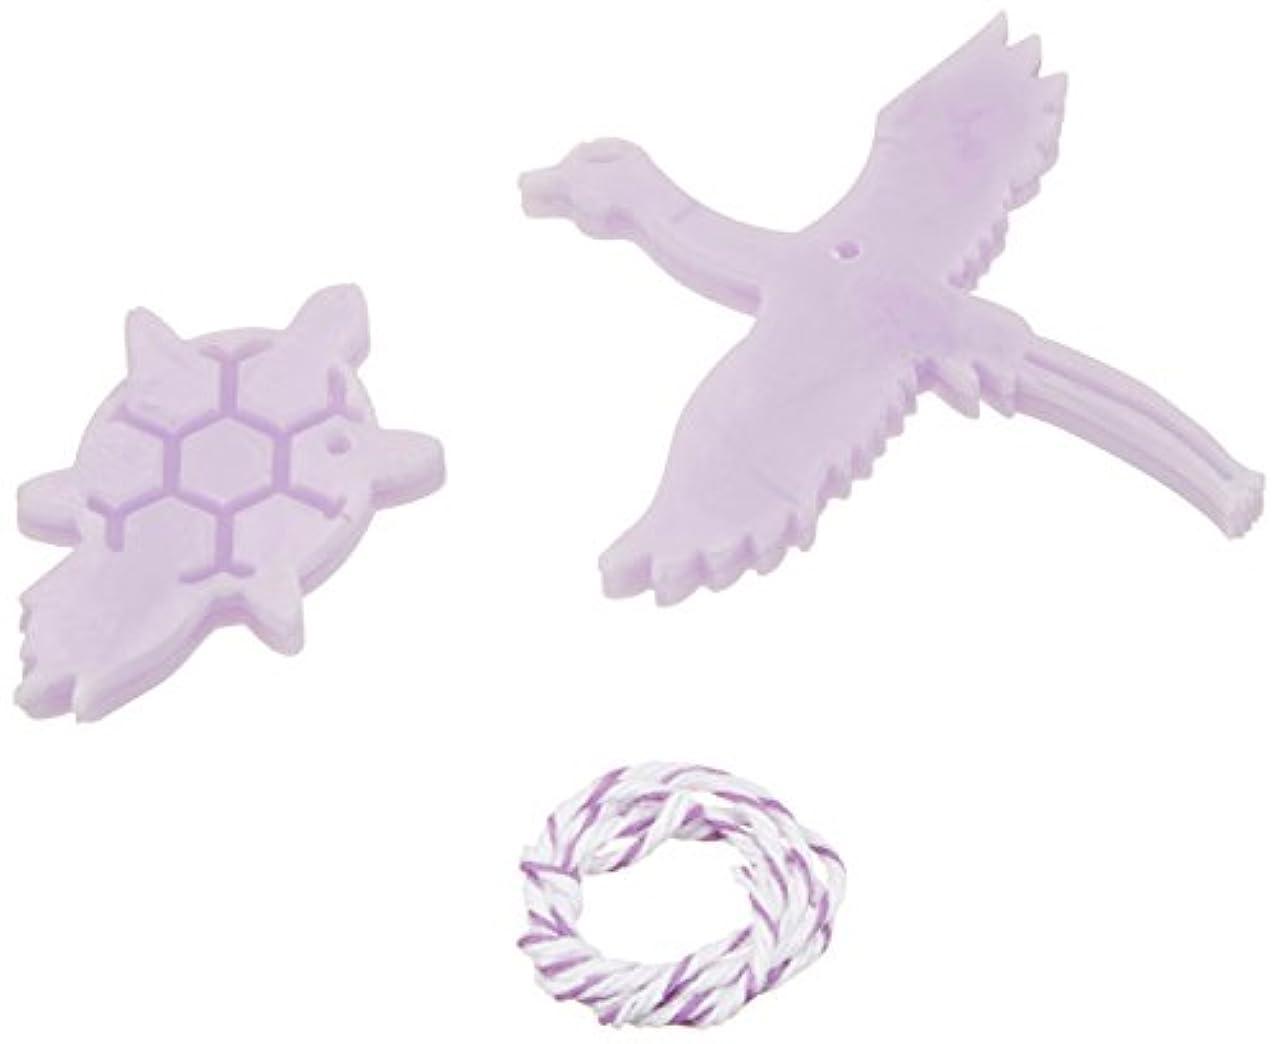 体細胞名詞タイプGRASSE TOKYO AROMATICWAXチャーム「鶴亀」(PU) ラベンダー アロマティックワックス グラーストウキョウ